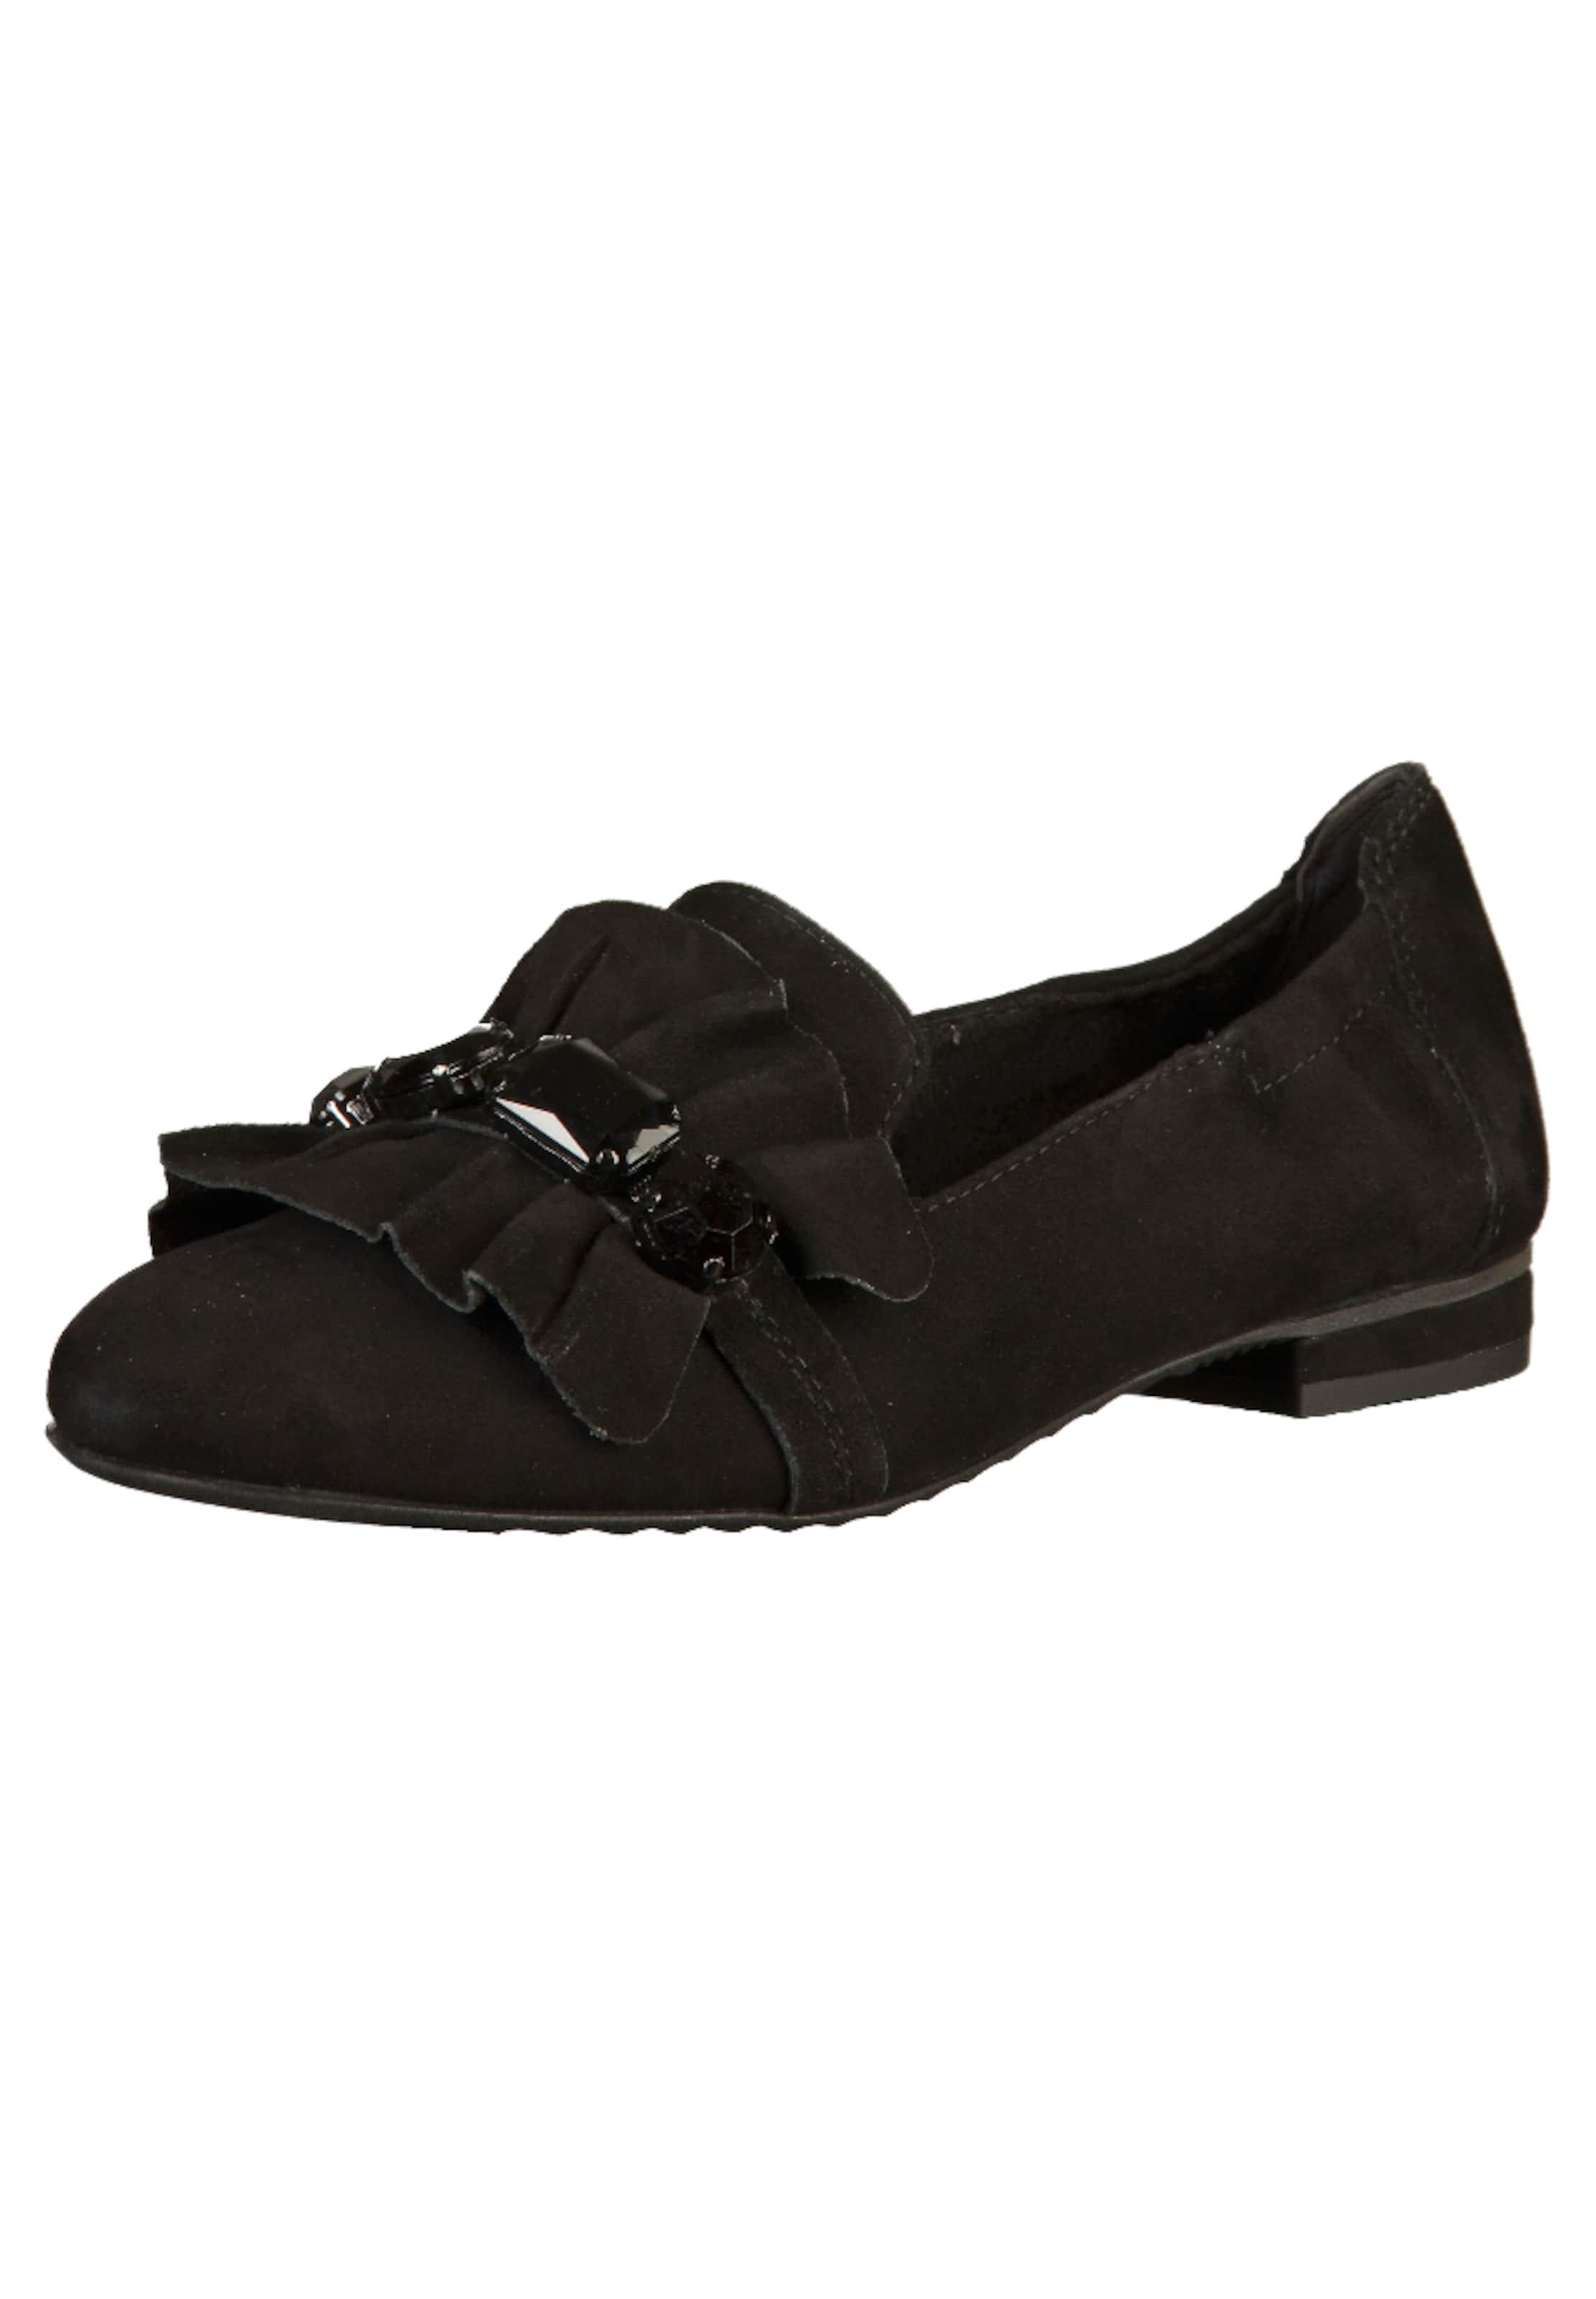 MARCO TOZZI Ballerinas Günstige und langlebige Schuhe